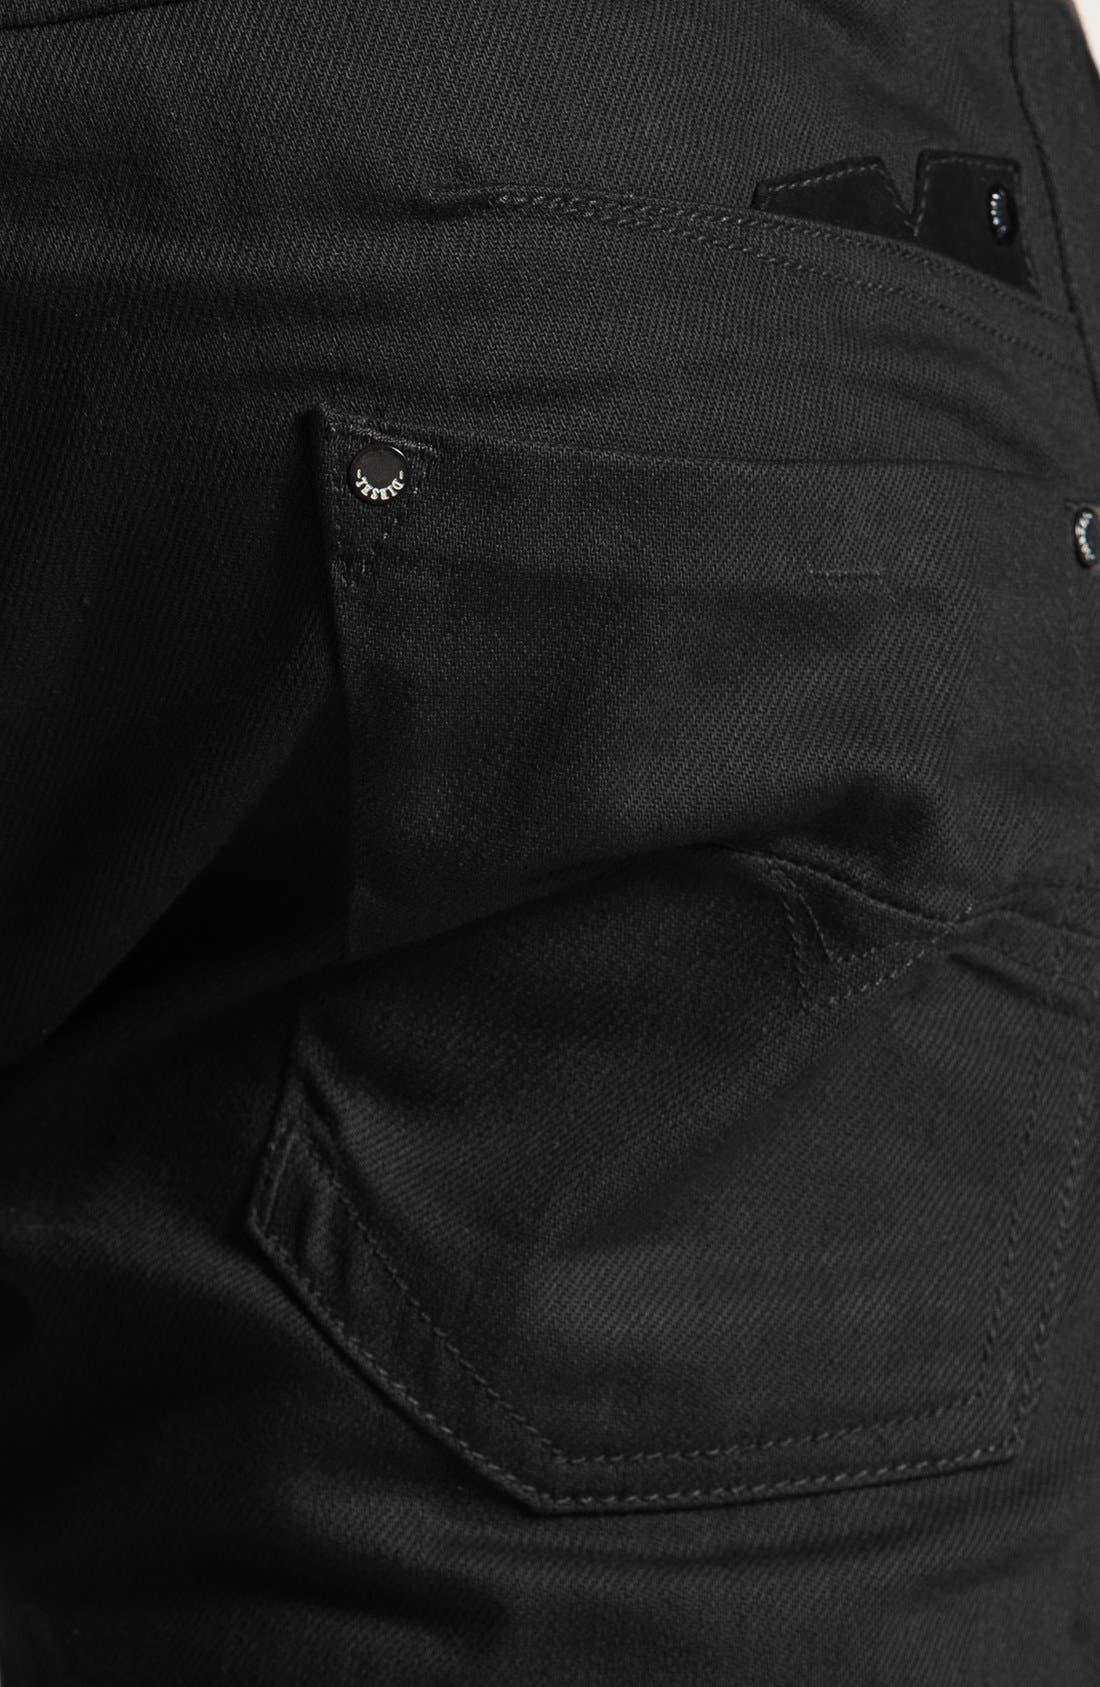 Alternate Image 3  - DIESEL® 'Darron' Slim Fit Jeans